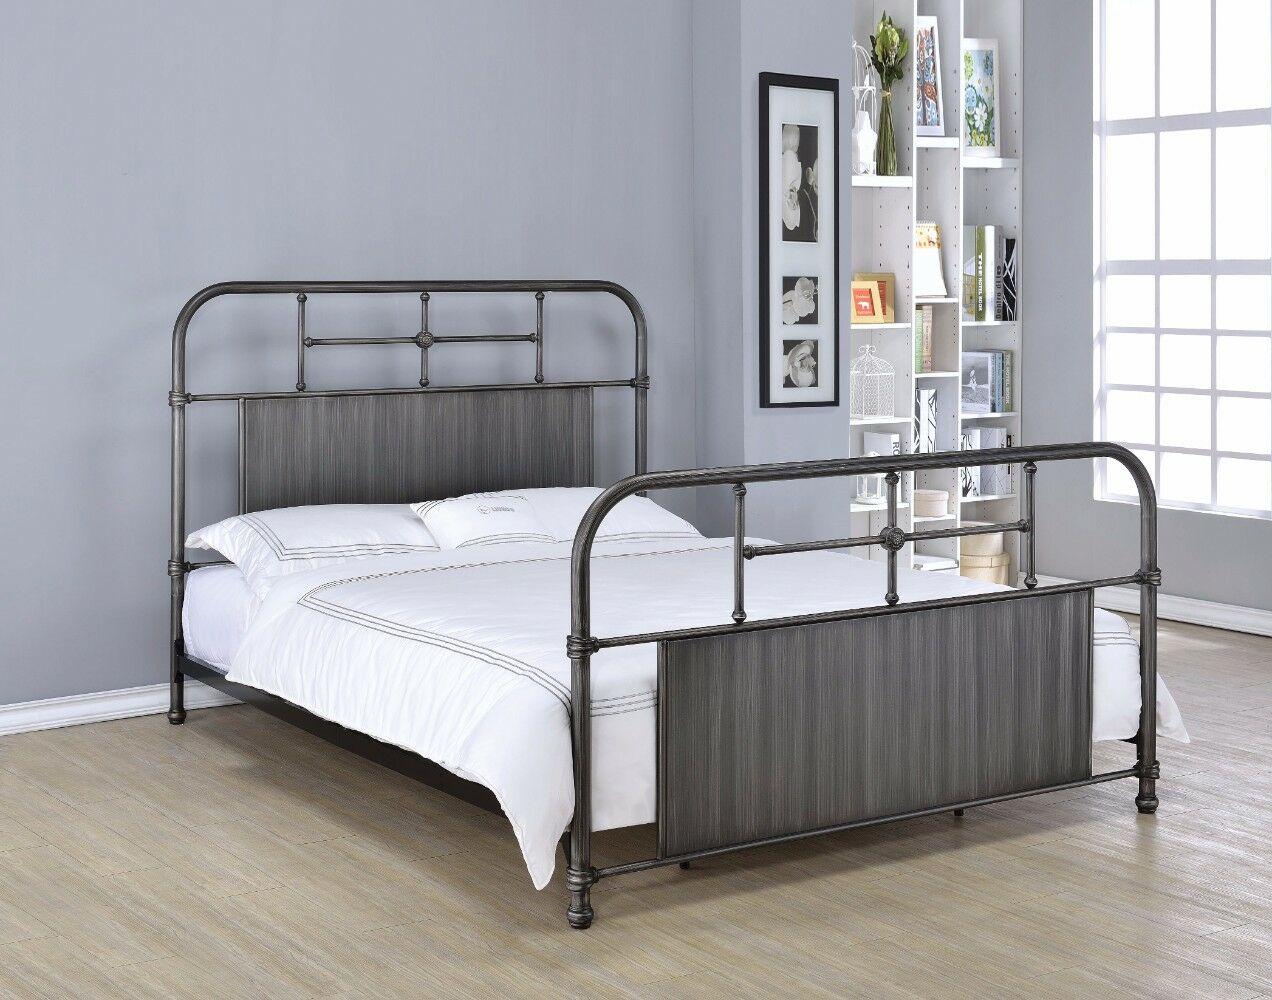 Minton Metal Queen Platform Bed